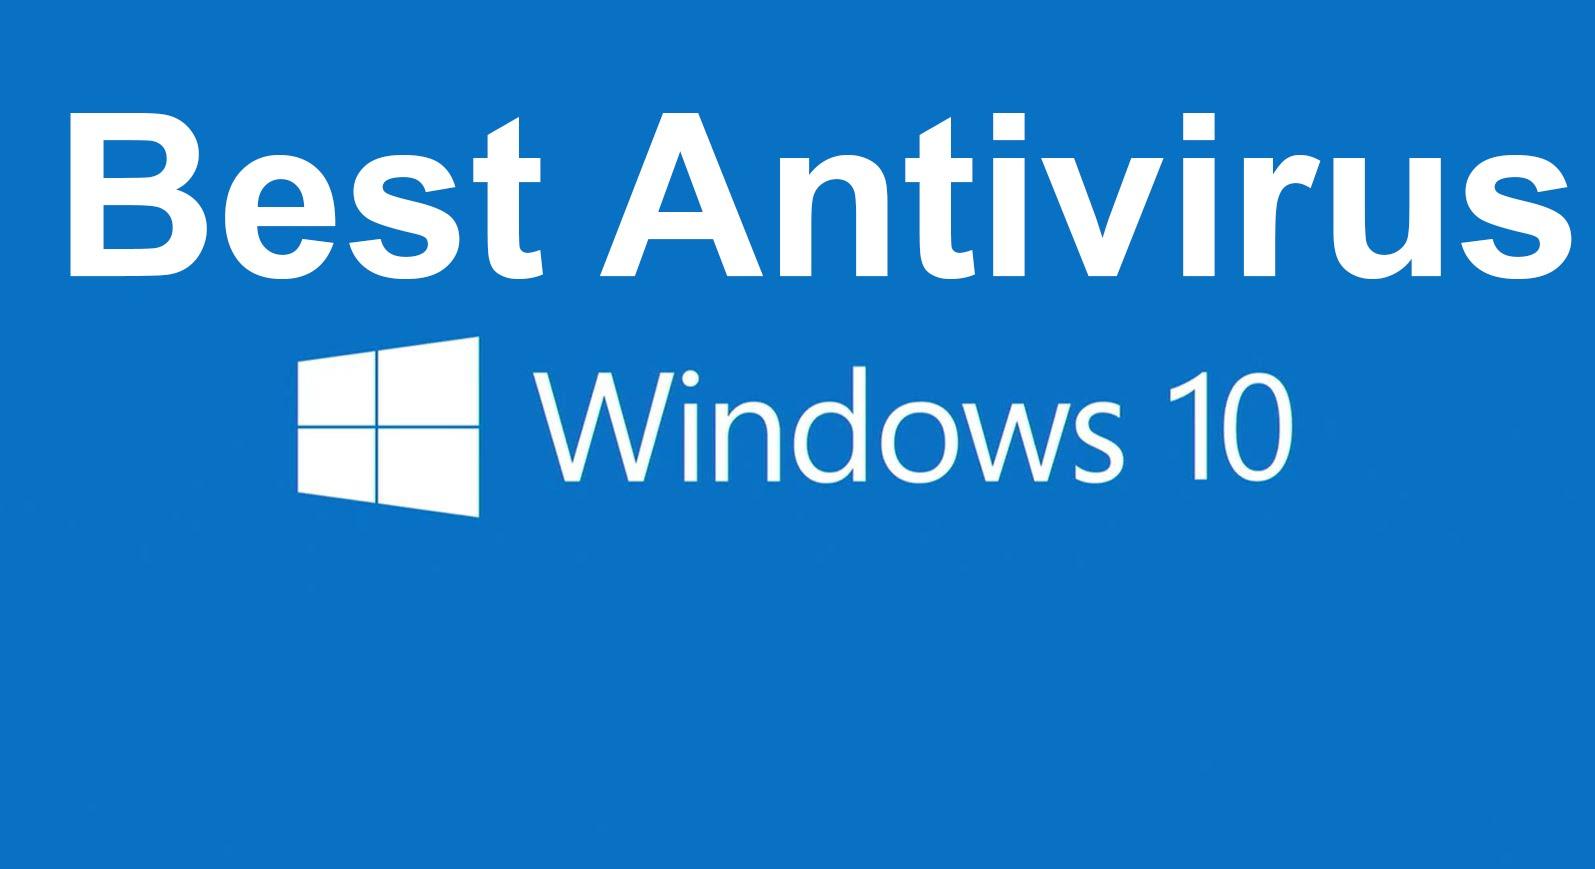 10 best antivirus for windows 7